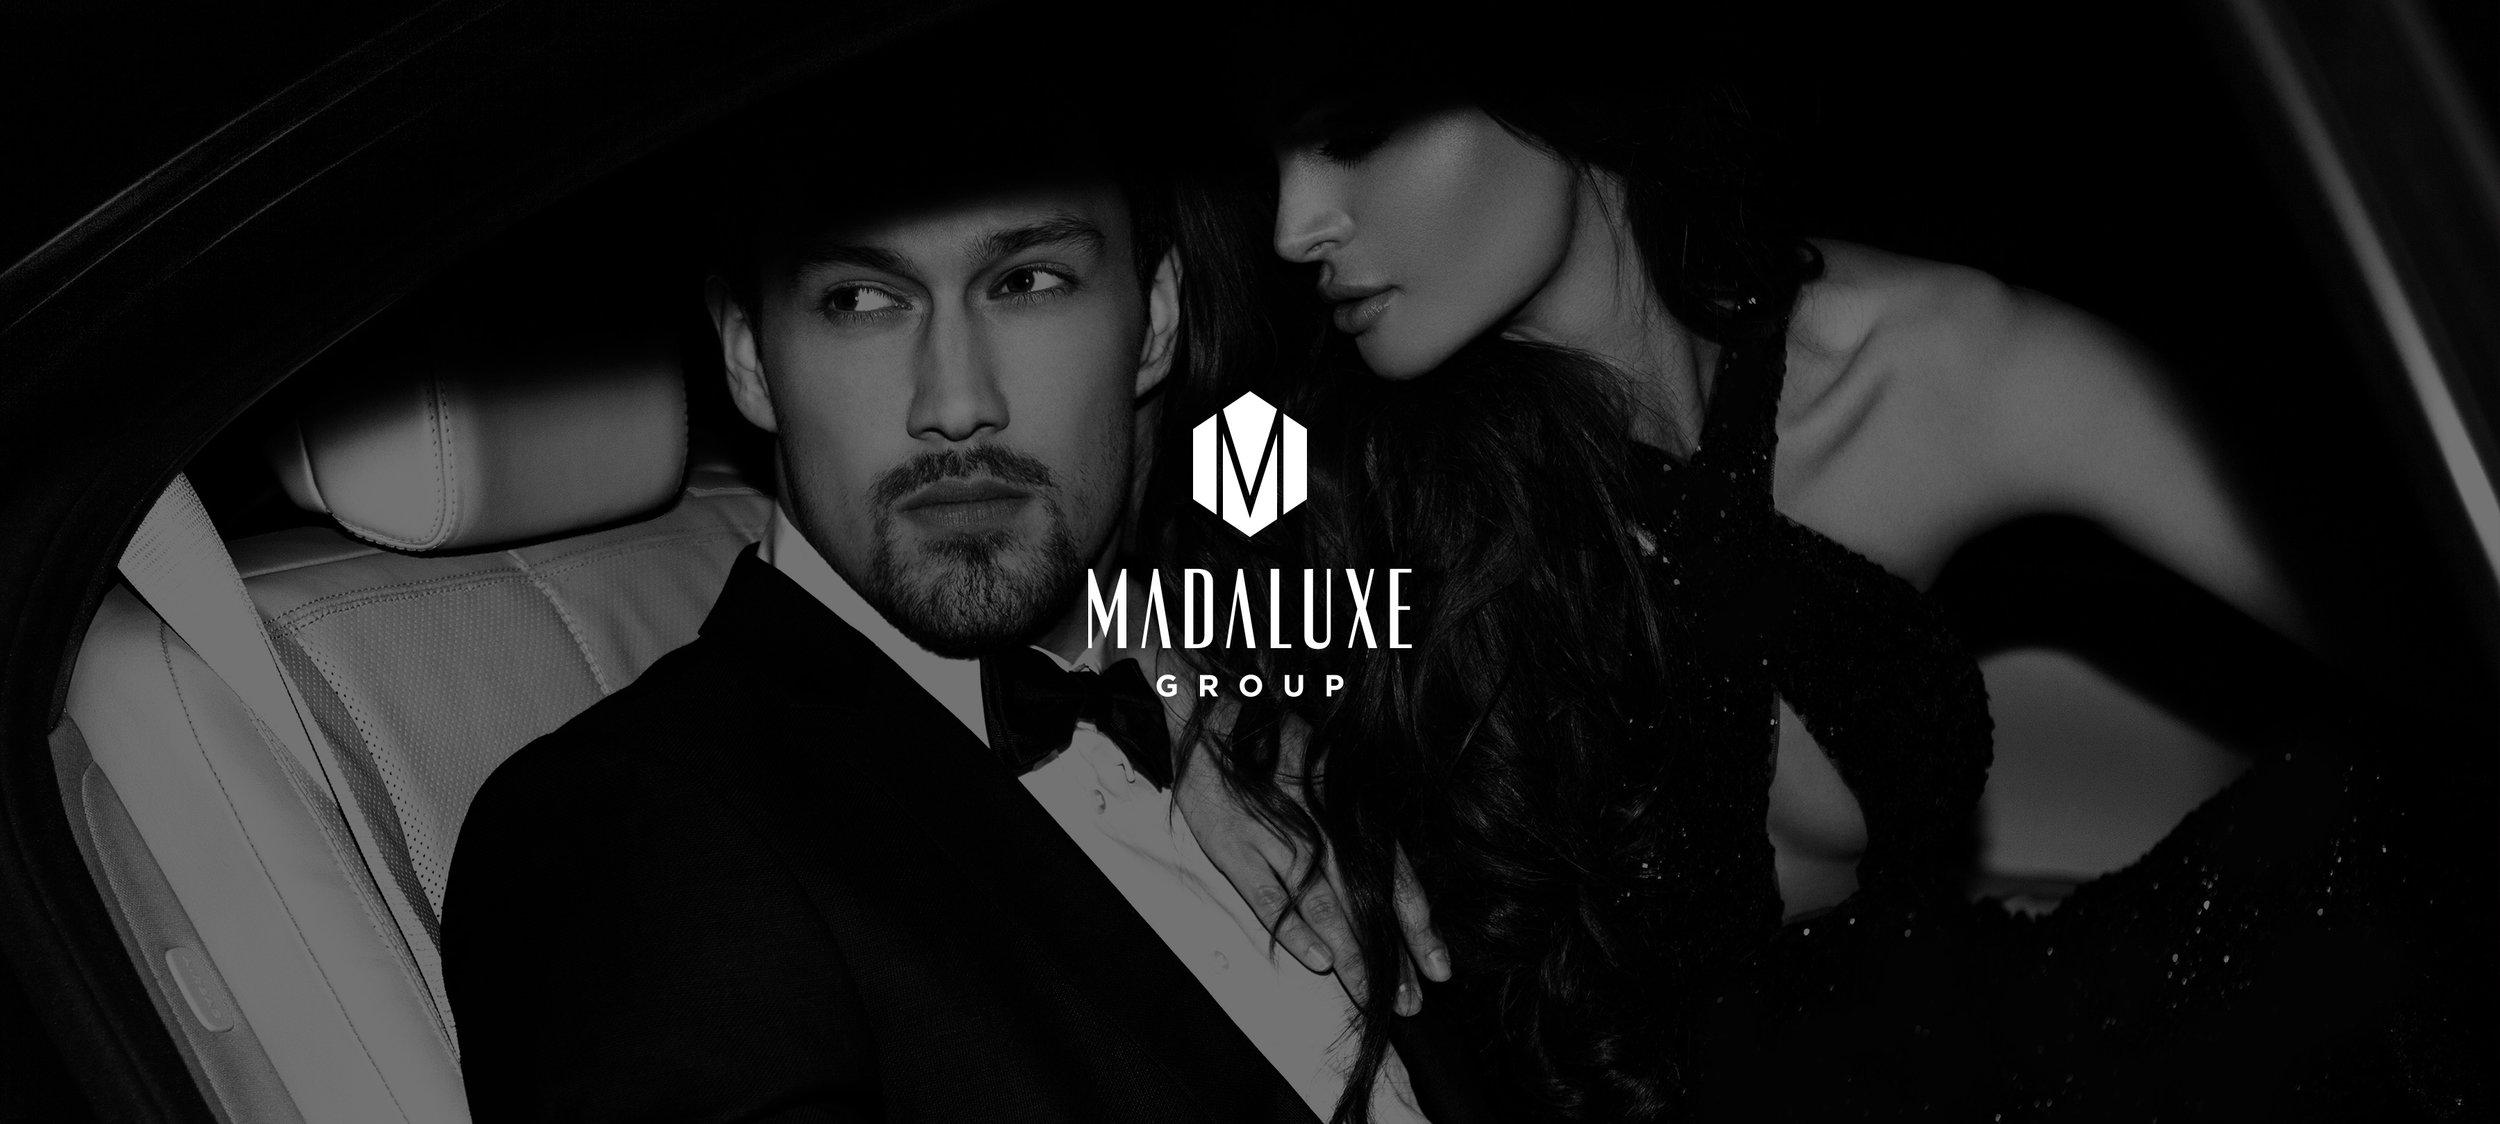 madaluxe_banner.jpg